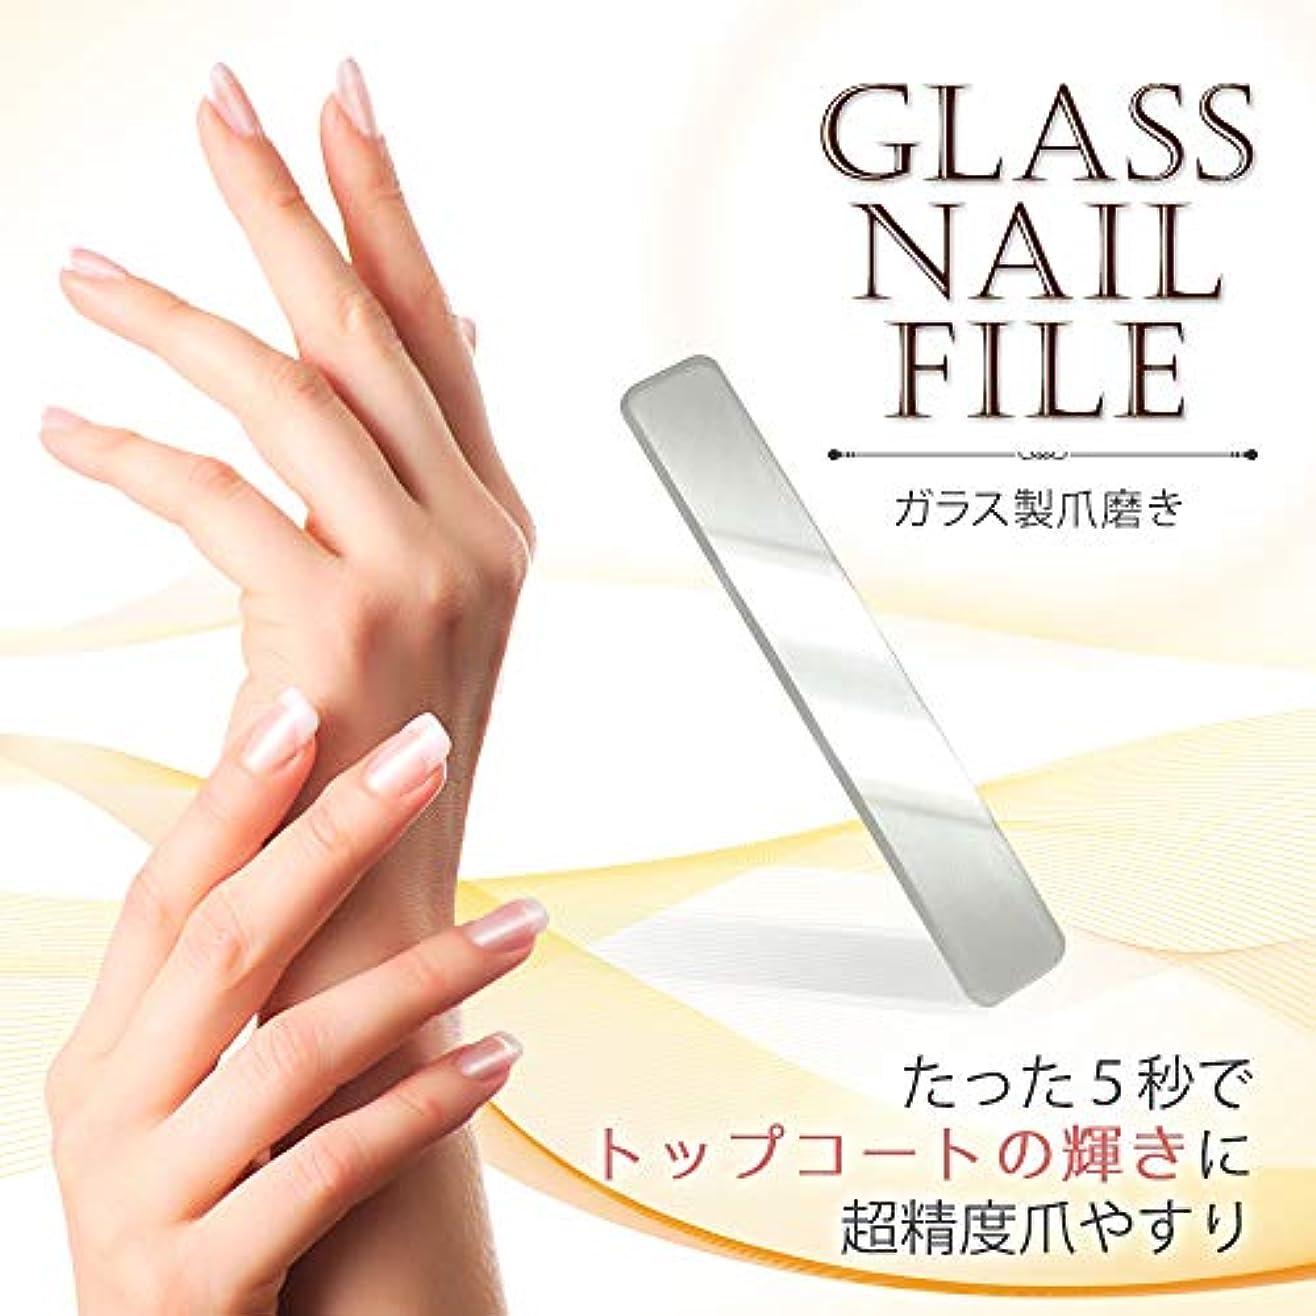 浴室シェード量で5秒で実感 Glass Nail File (ガラス製 爪やすり 爪みがき つめみがき 爪磨き ネイルファイル ネイルシャイナー グラスシャイナー バッファー ネイルケア 爪ケア)